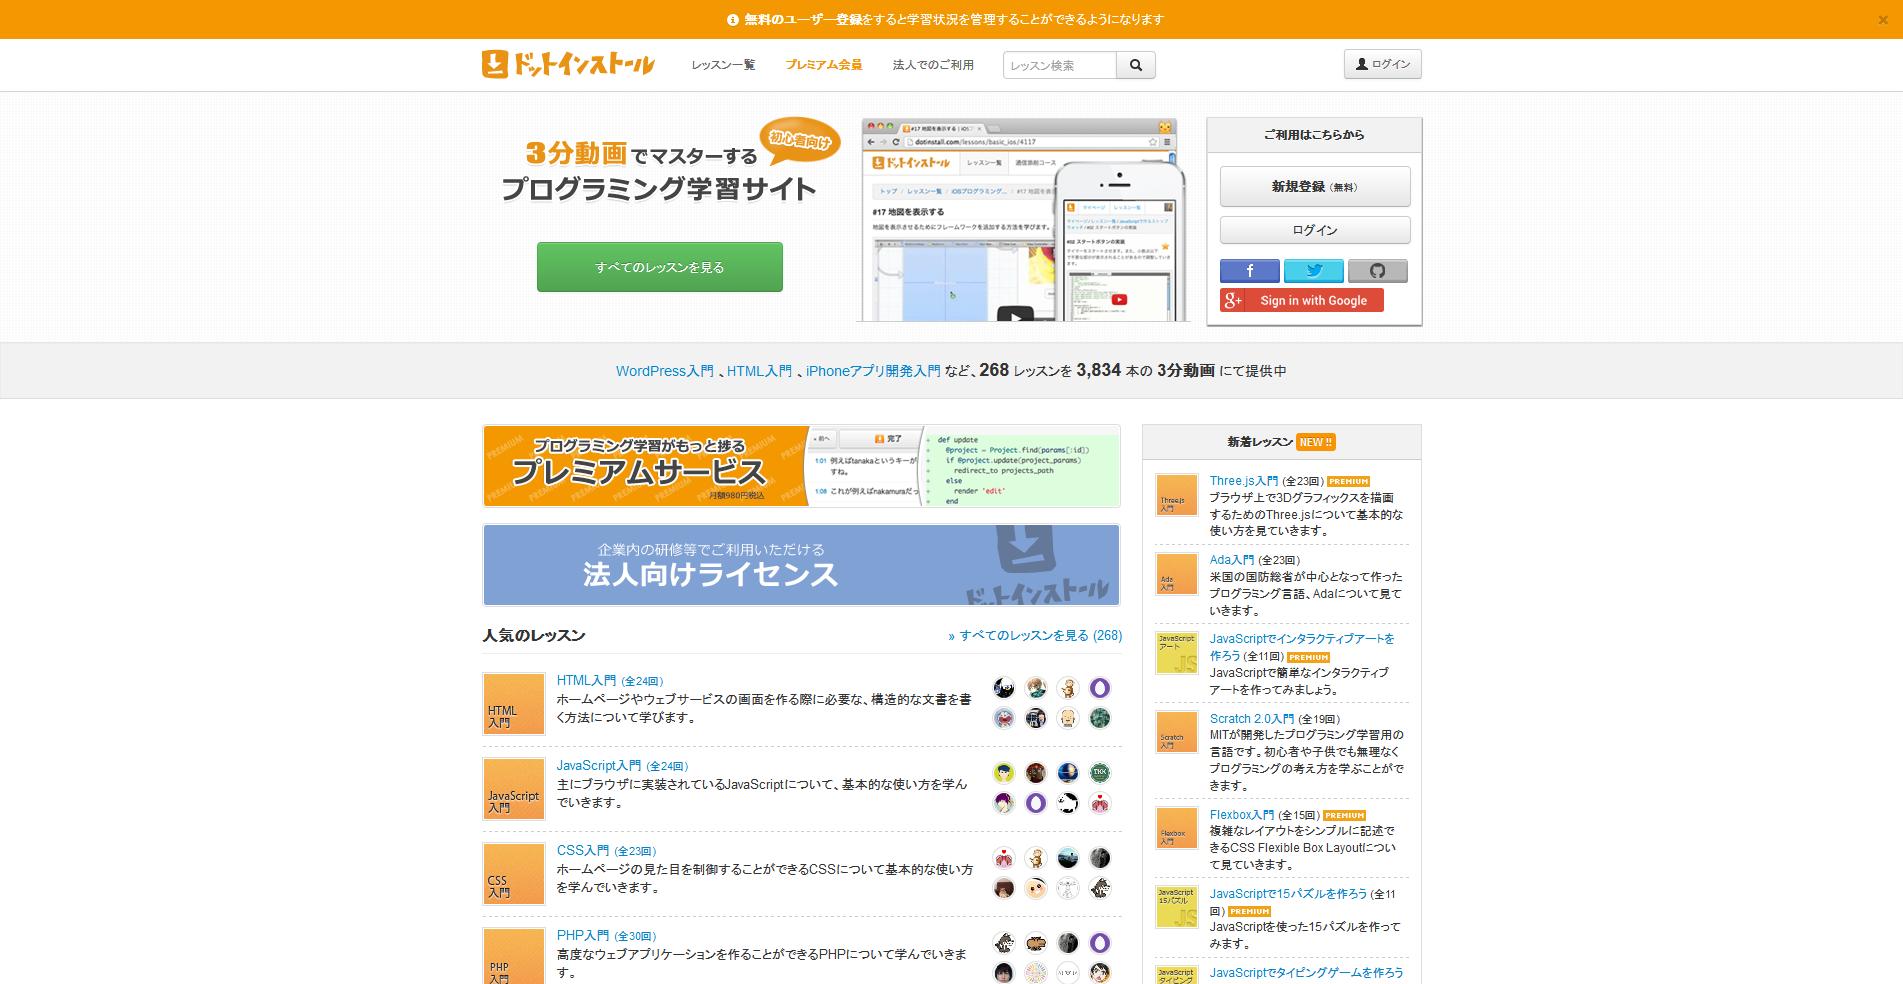 ドットインストール - 3分動画でマスターする初心者向けプログラミング学習サイト